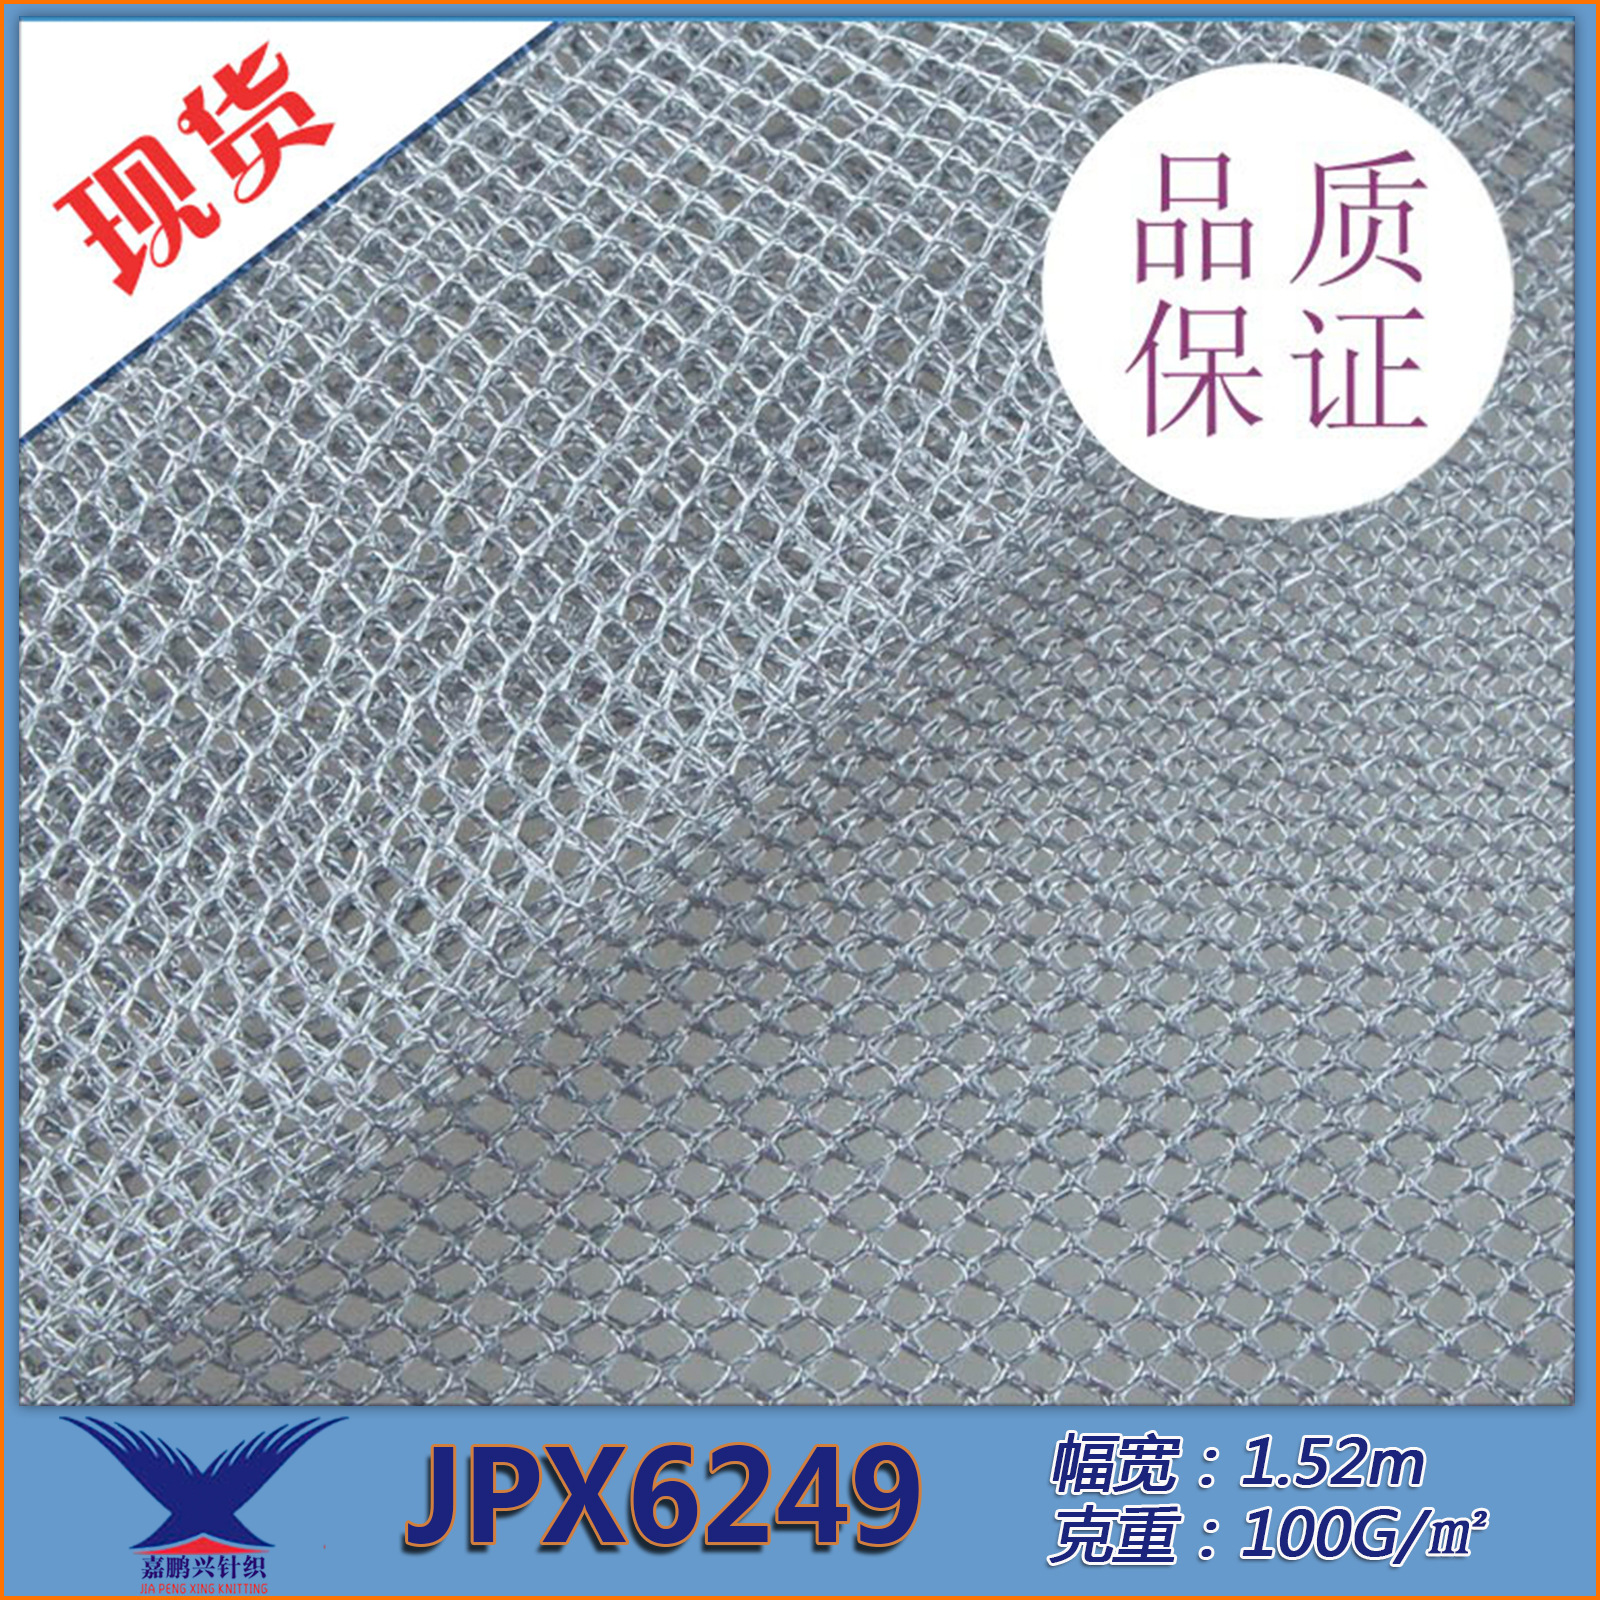 有光亮光四角网K114菱形网硬网网布鞋材箱包手袋网图片三